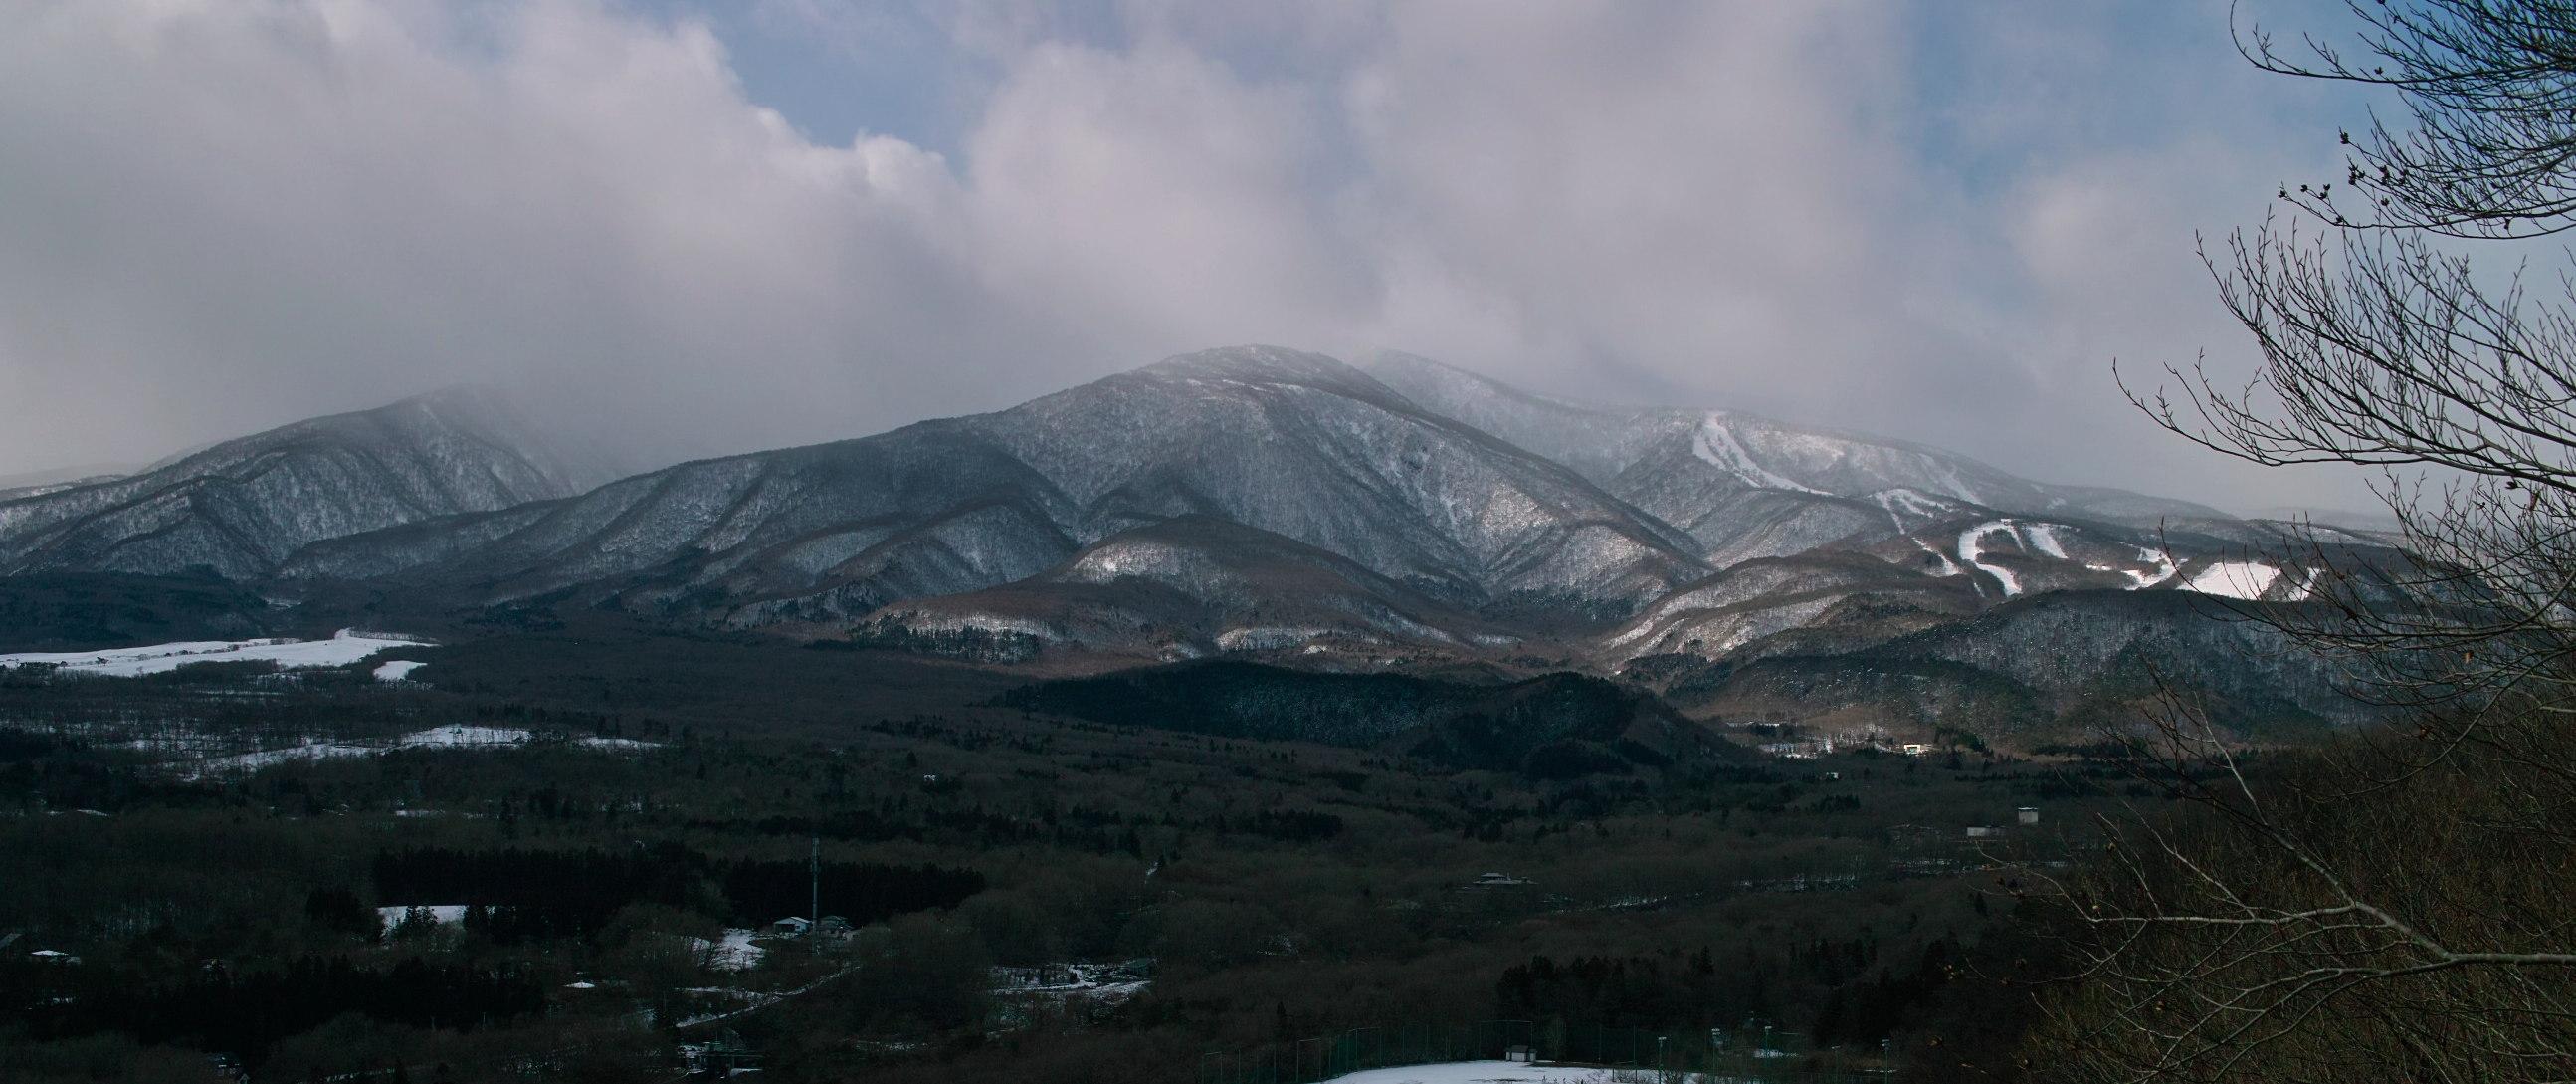 Japan2013122917.jpg